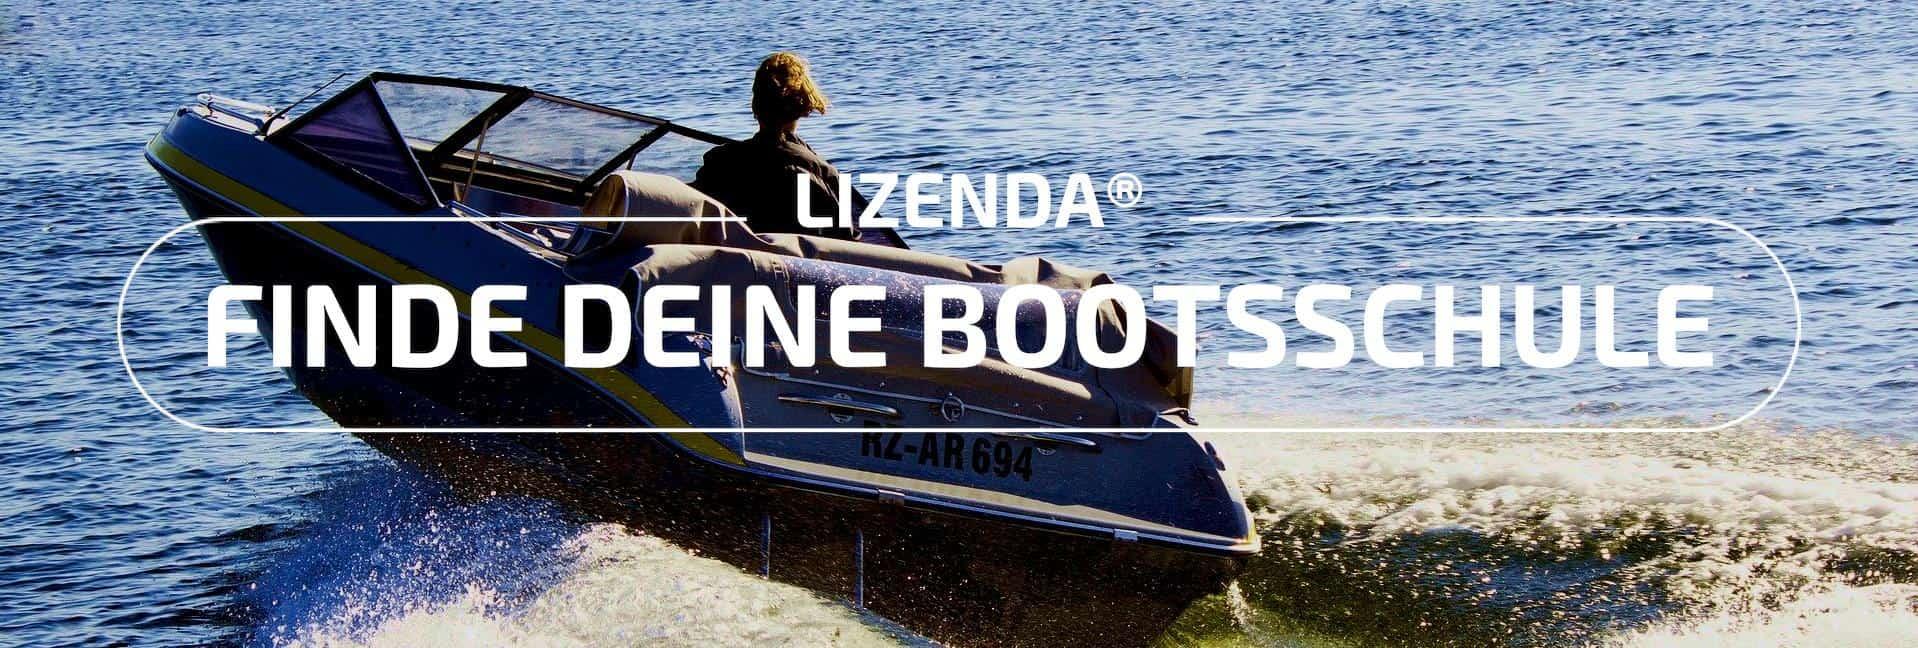 Finde deine Bootsschule für Bootsführerschein_Überschrift